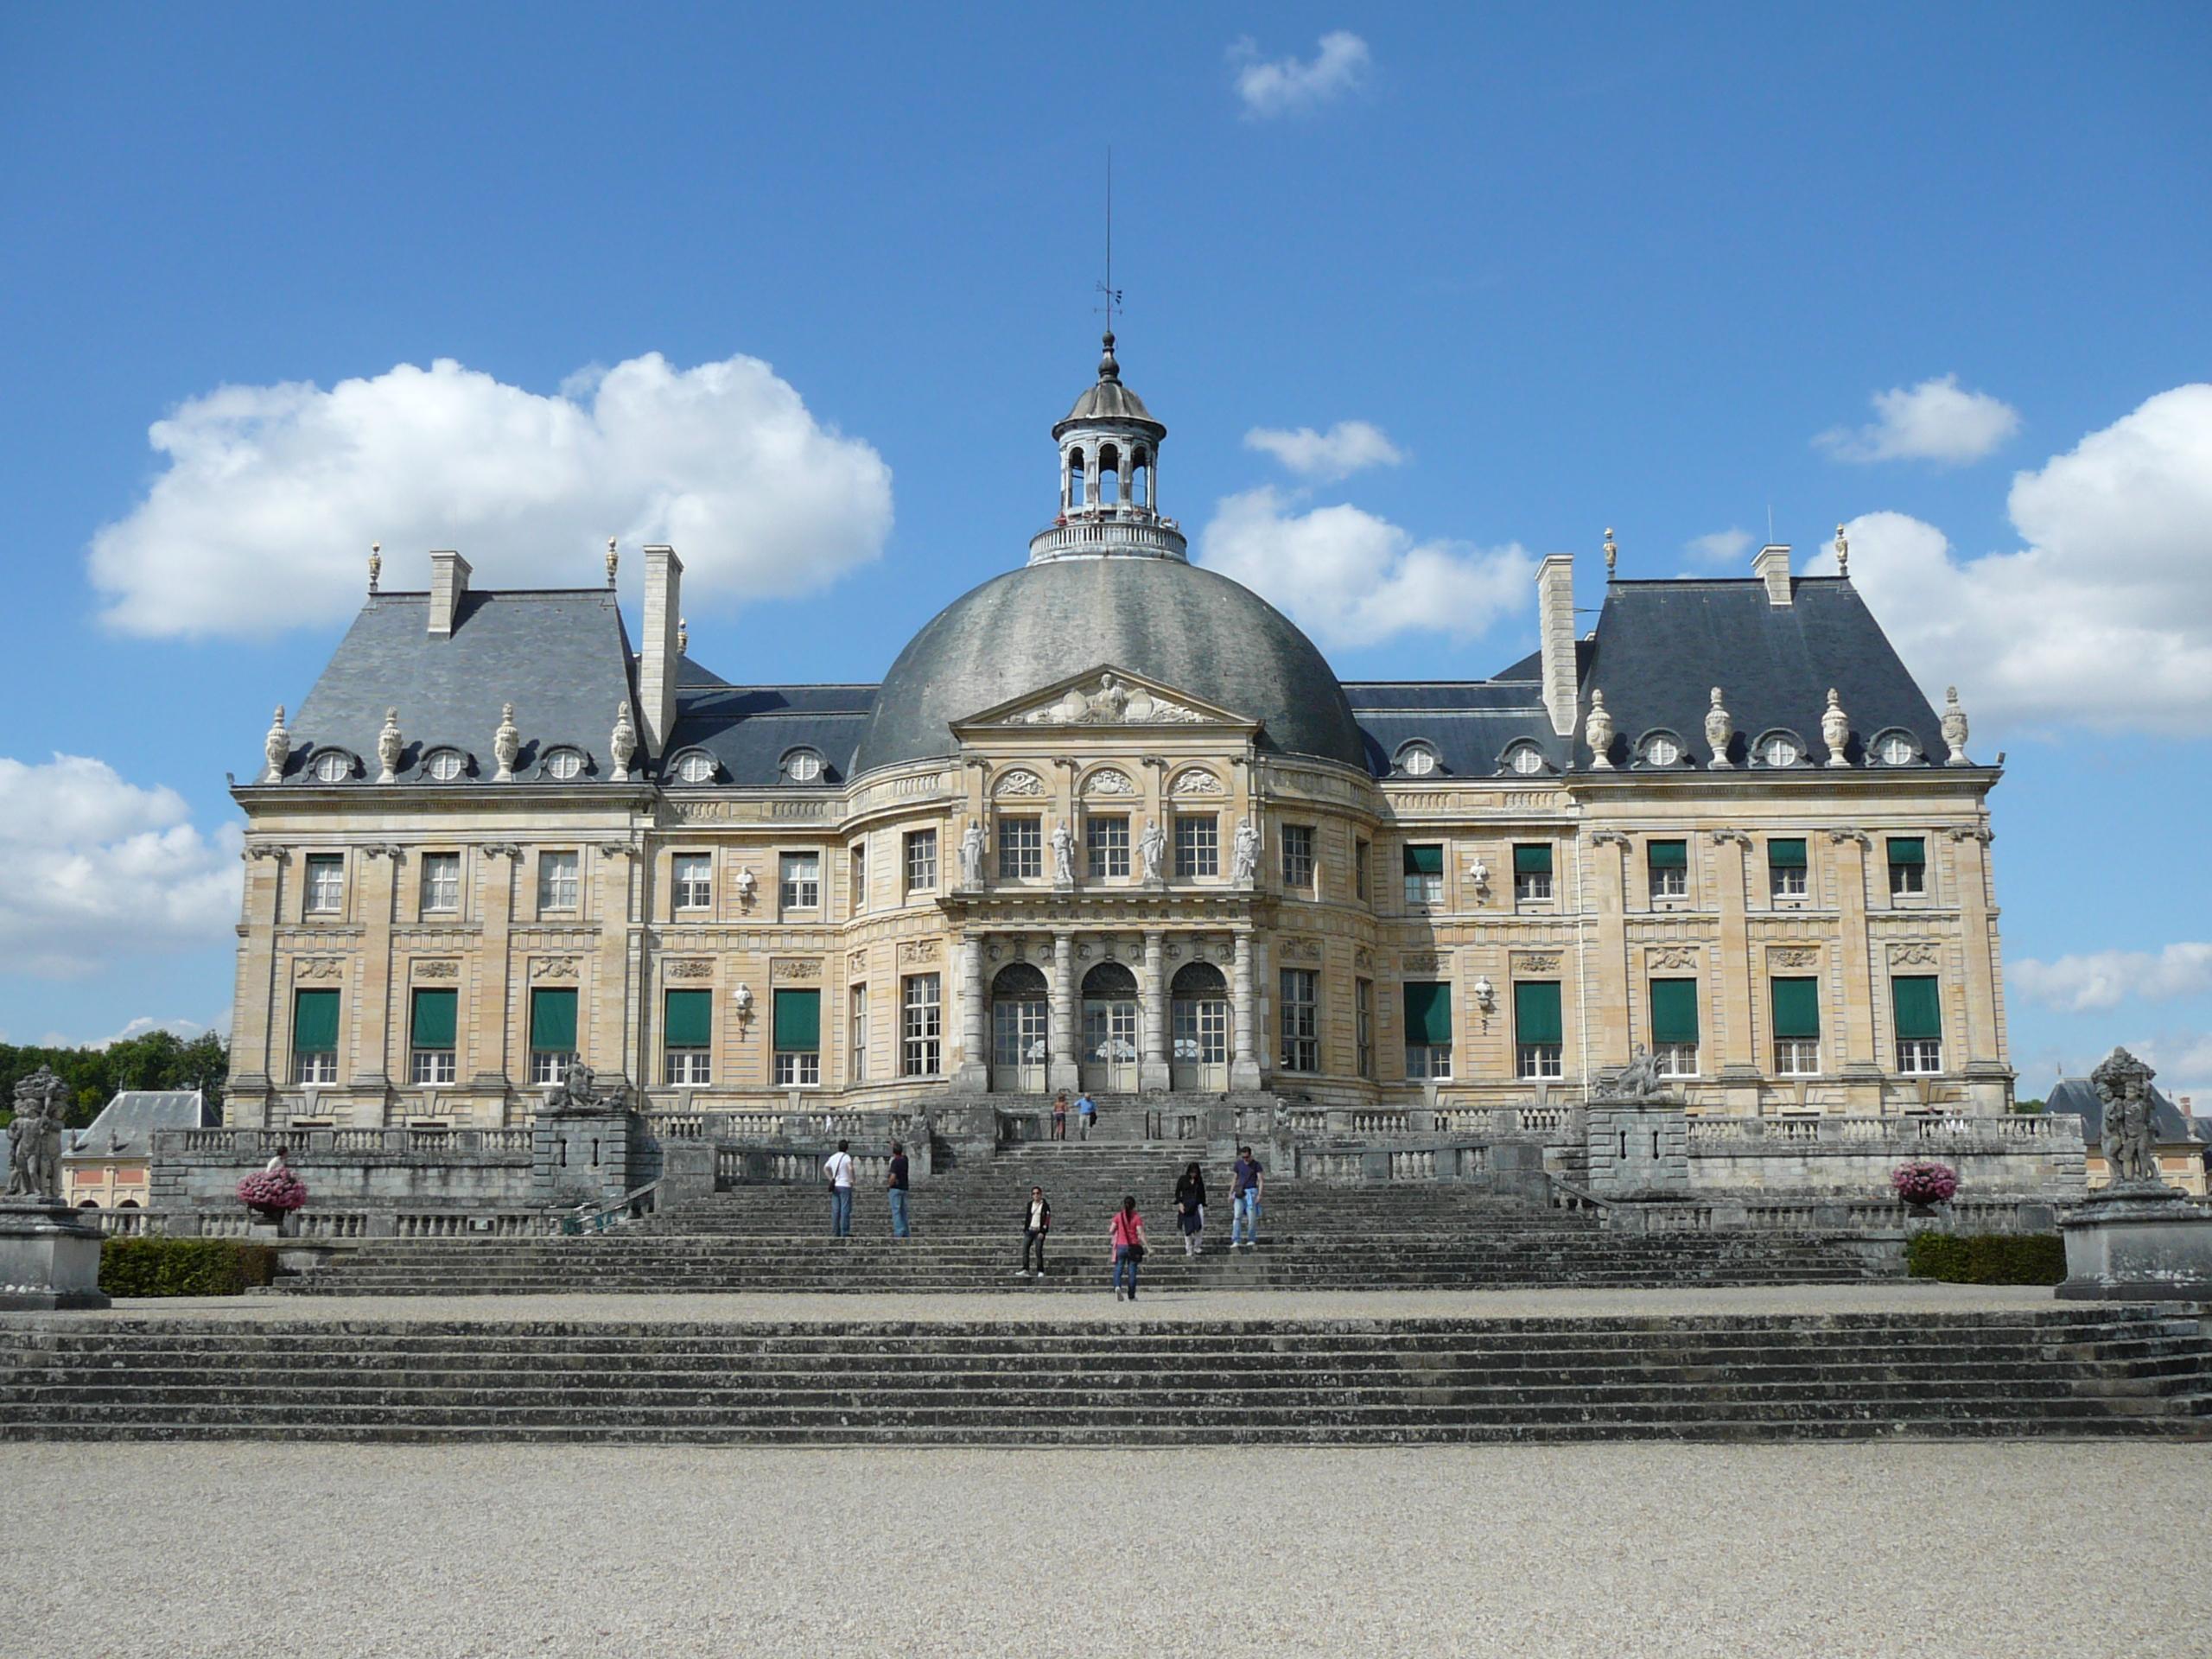 Ch%C3%A2teau_de_Vaux-le-Vicomte_-_Maincy.jpg